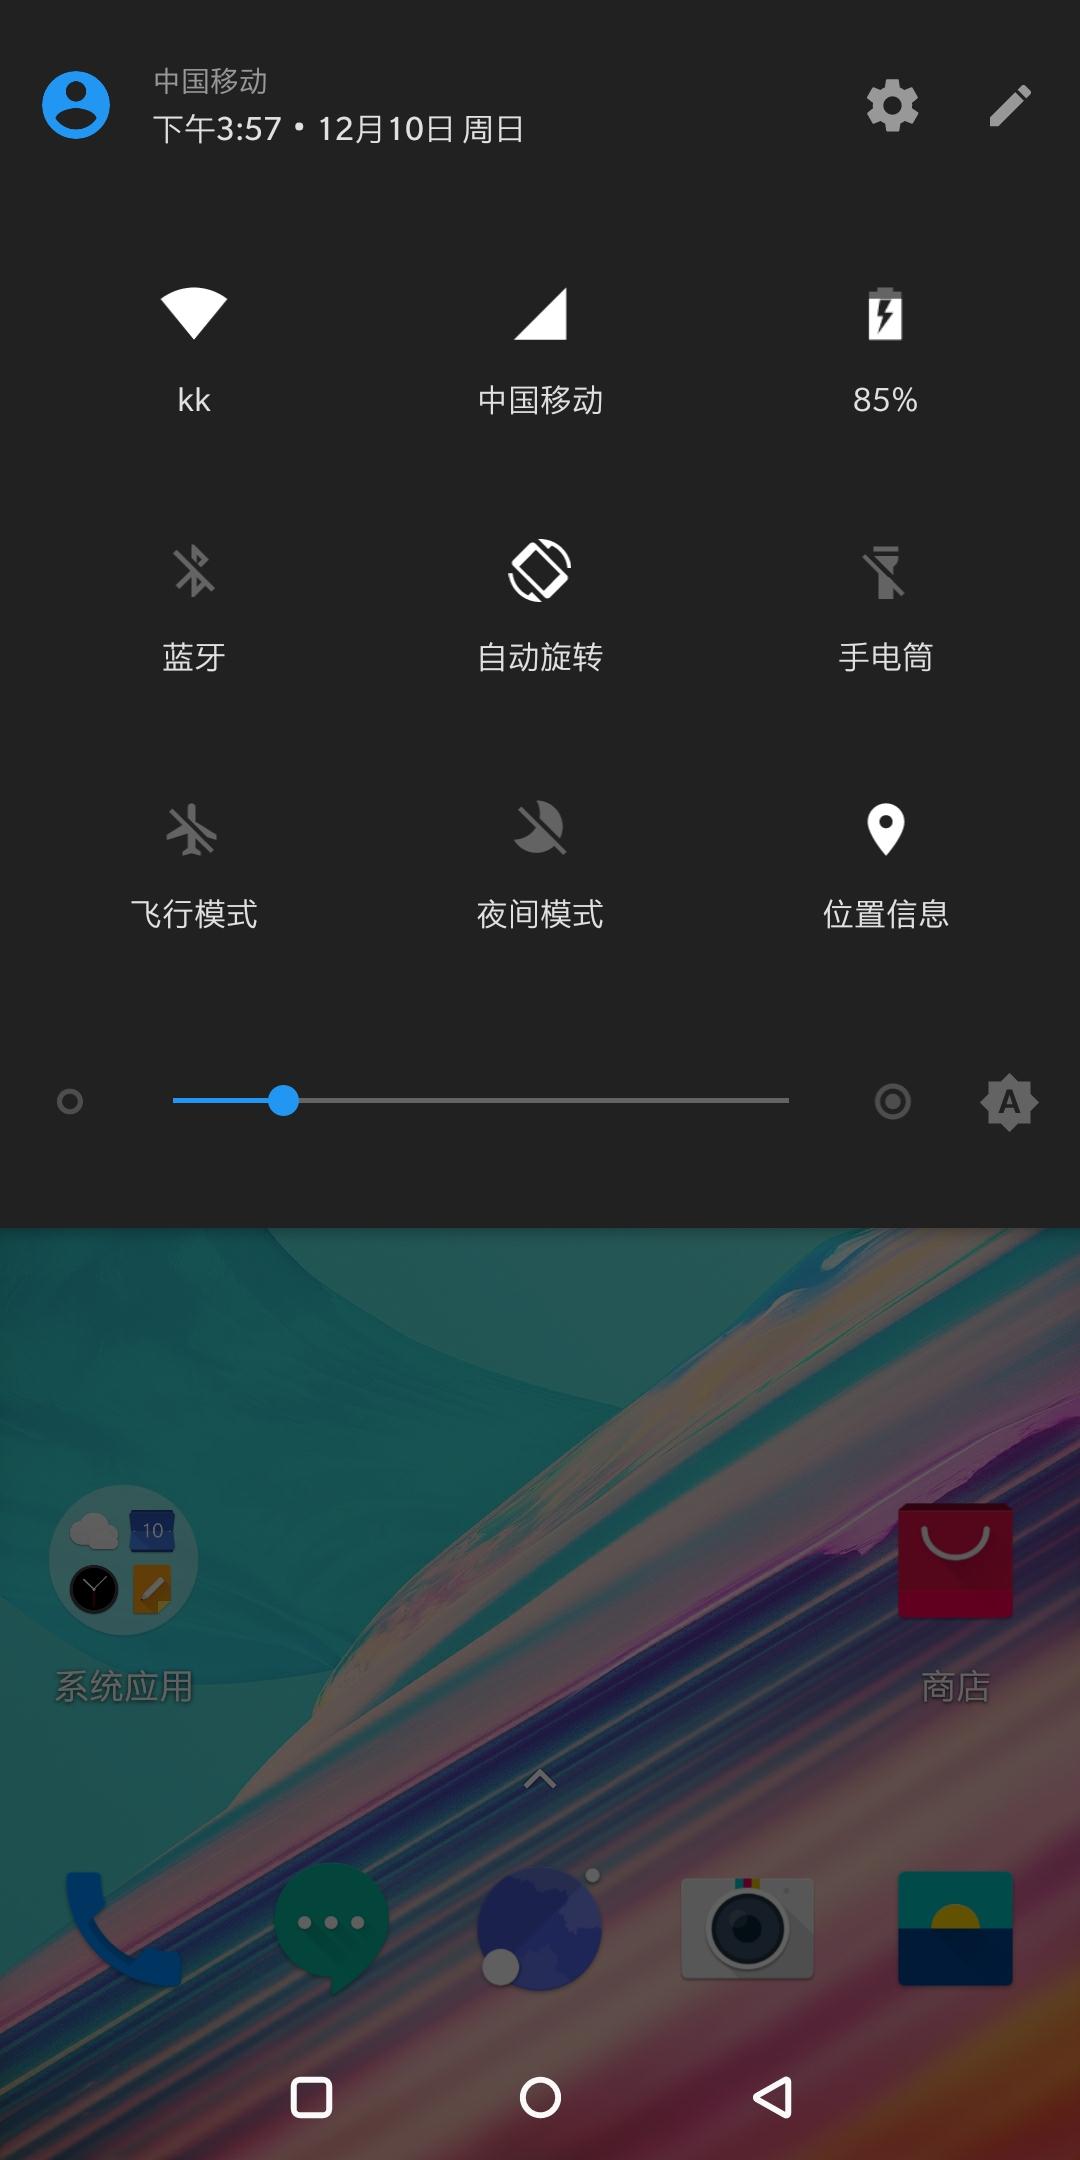 Screenshot_20171210-155704.jpg